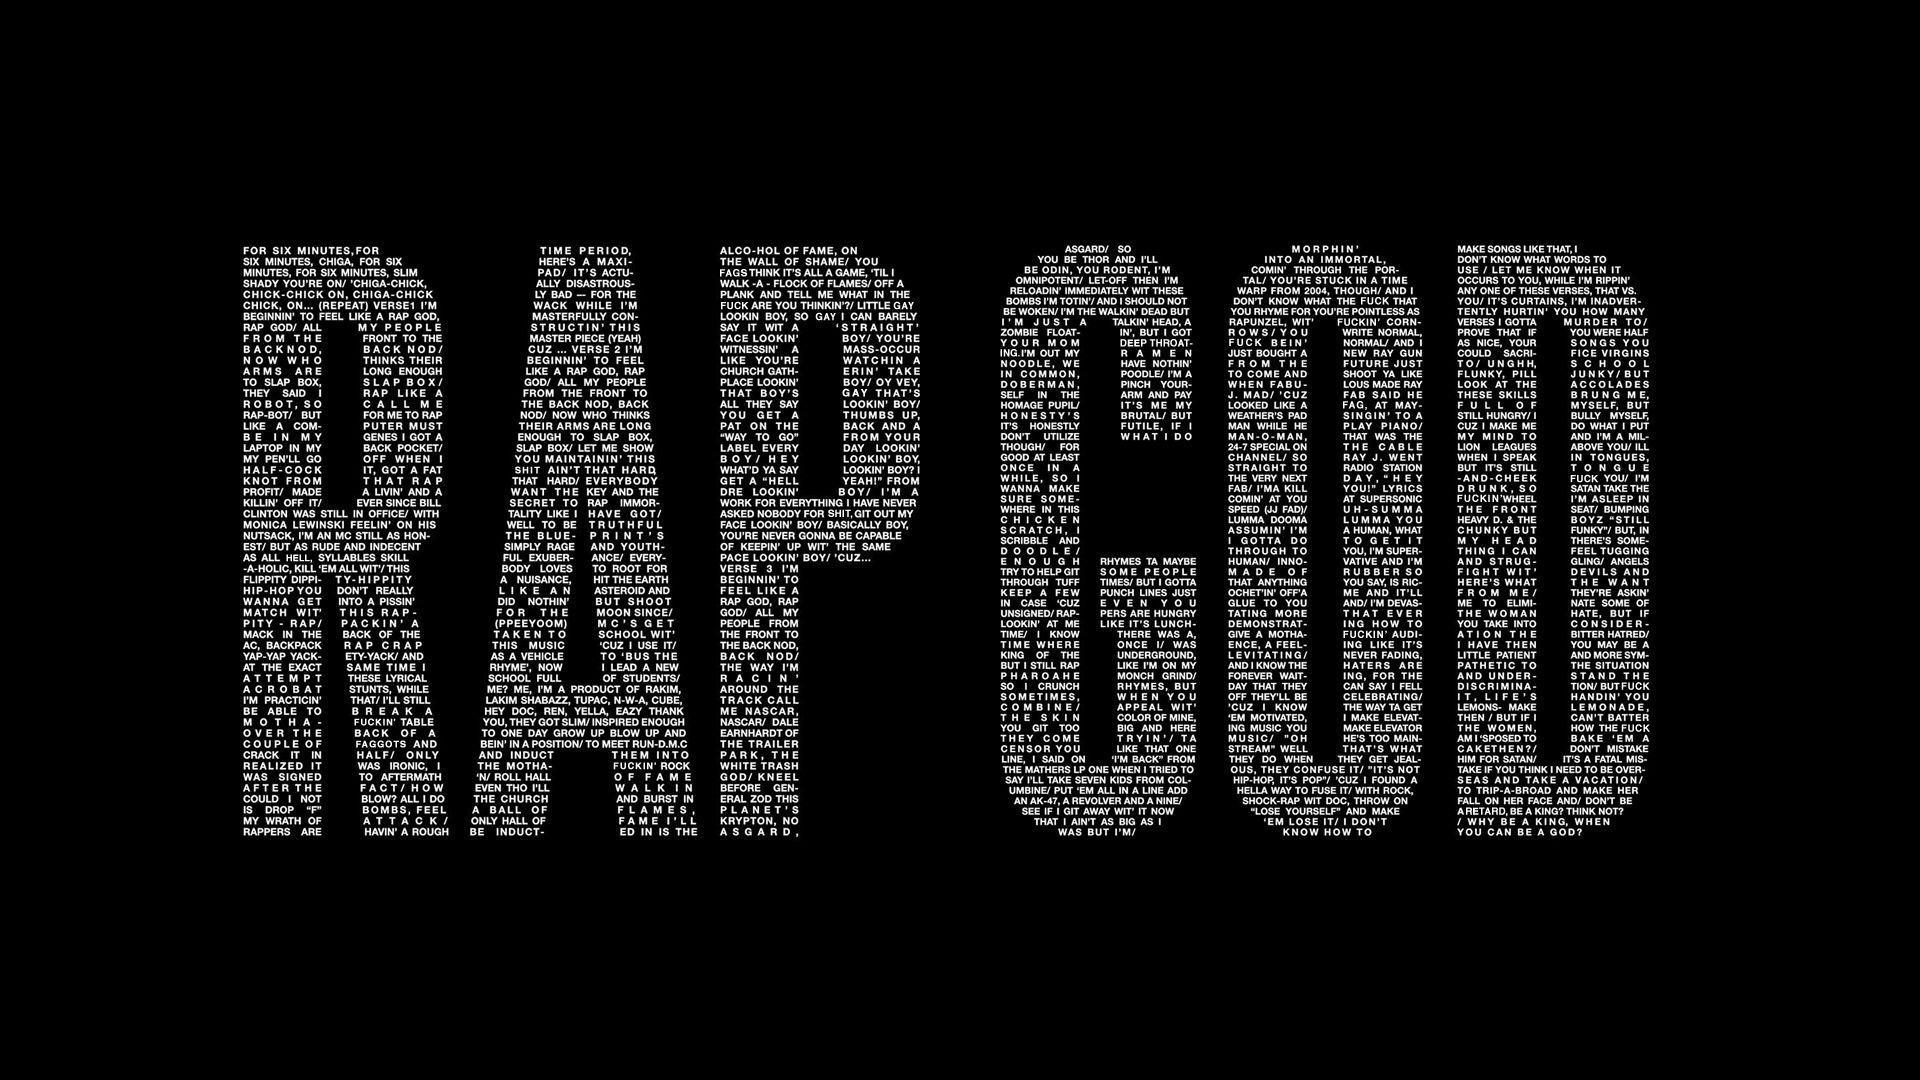 Rap Logo Wallpapers Wallpaper Cave